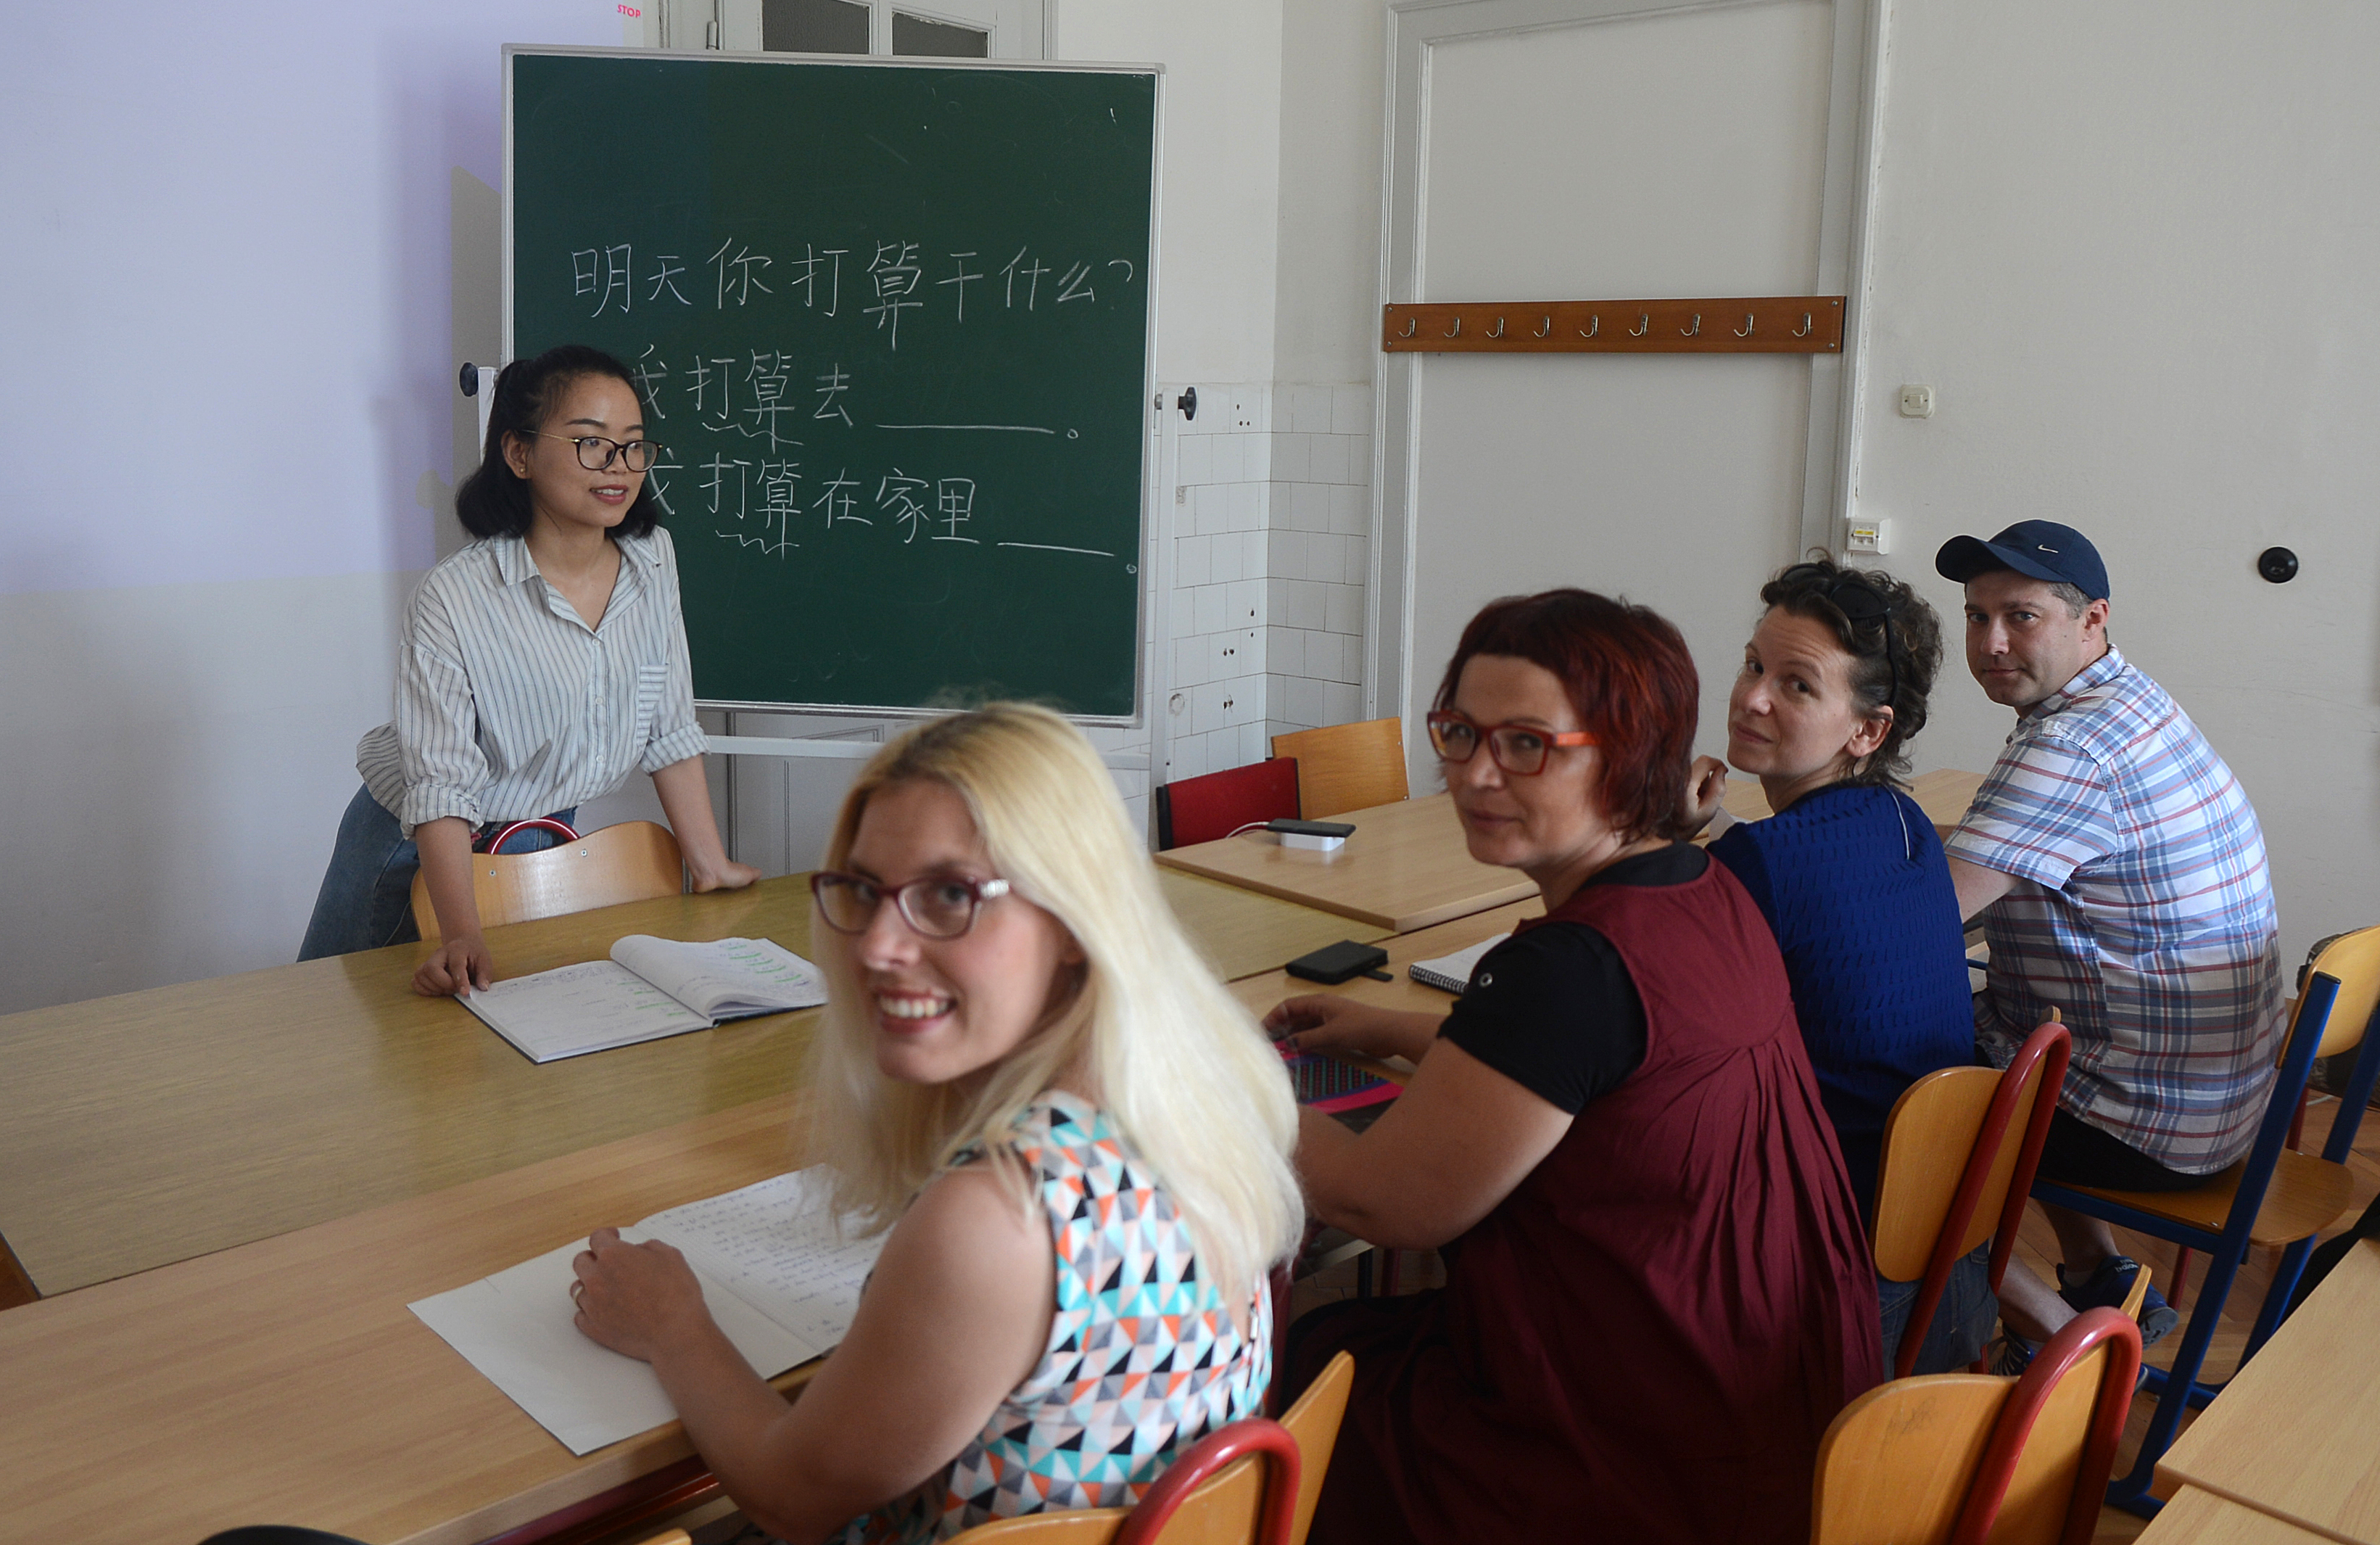 Kineska web mjesta za upoznavanje u Kini